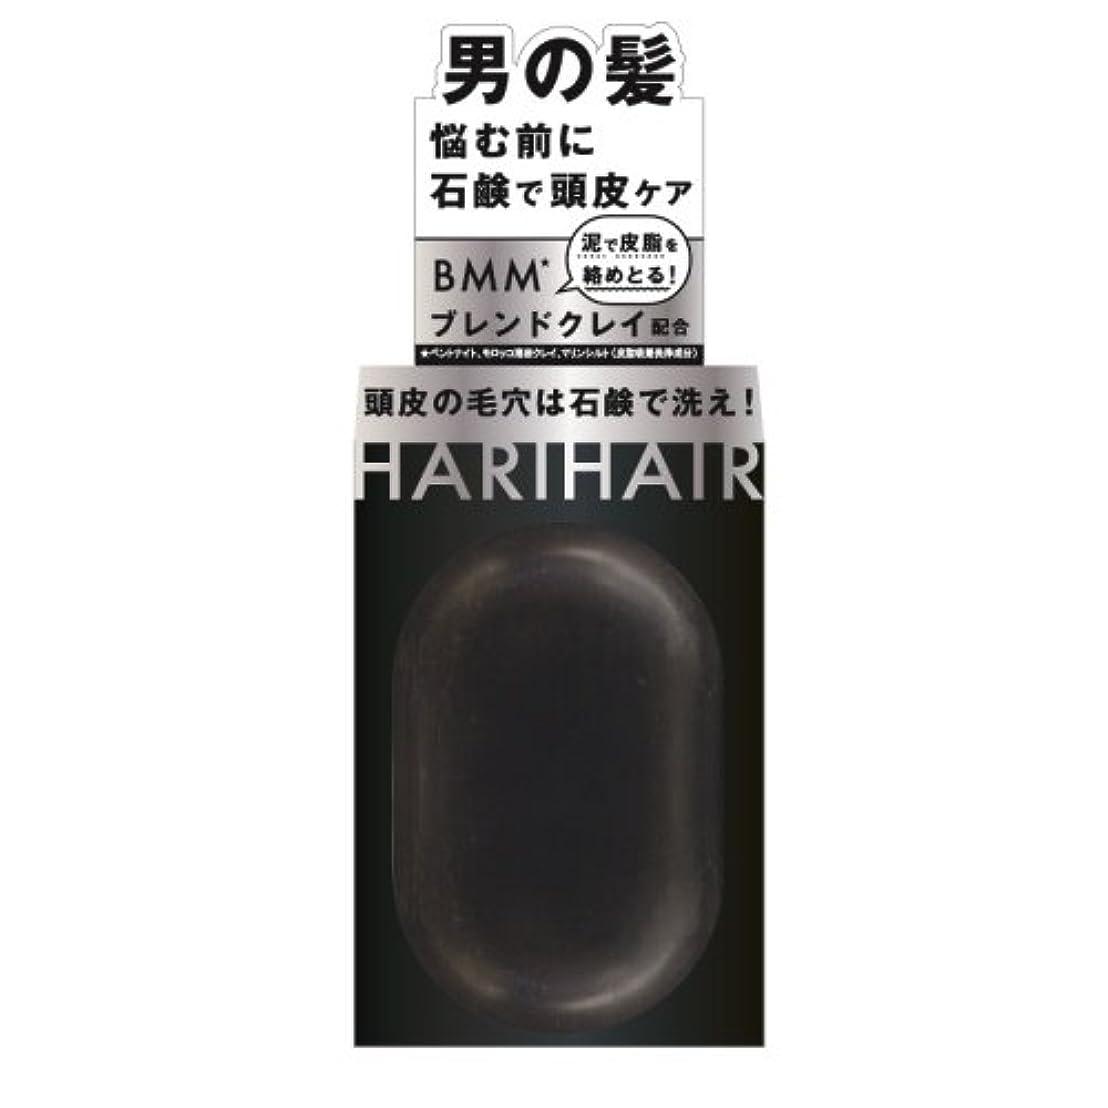 許容できる器具時系列ペリカン石鹸 ハリヘア 固形シャンプー 100g